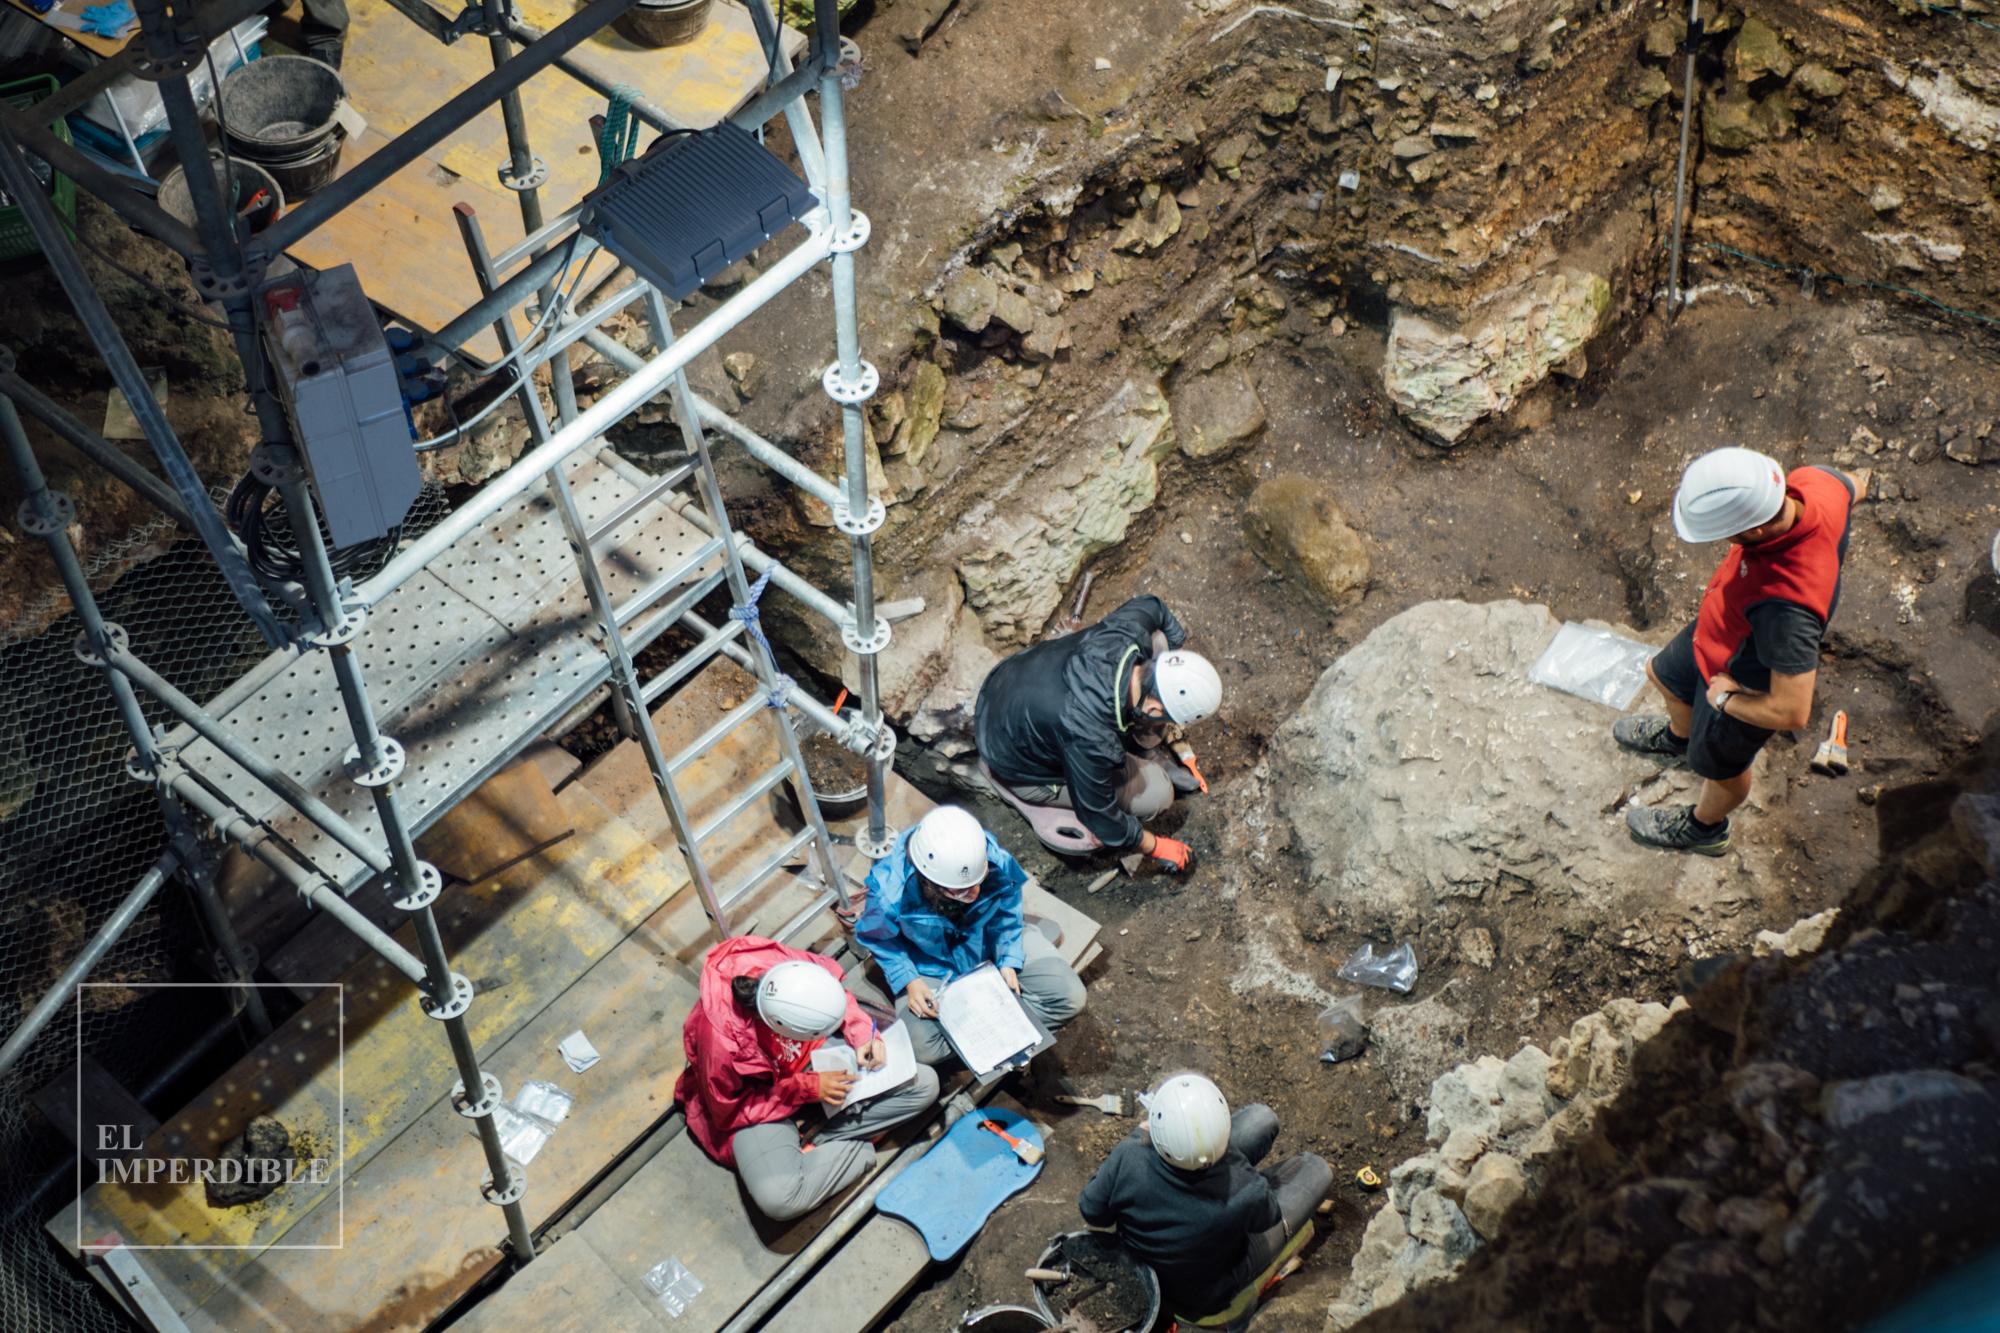 visita guiada al yacimiento de Atapuerca